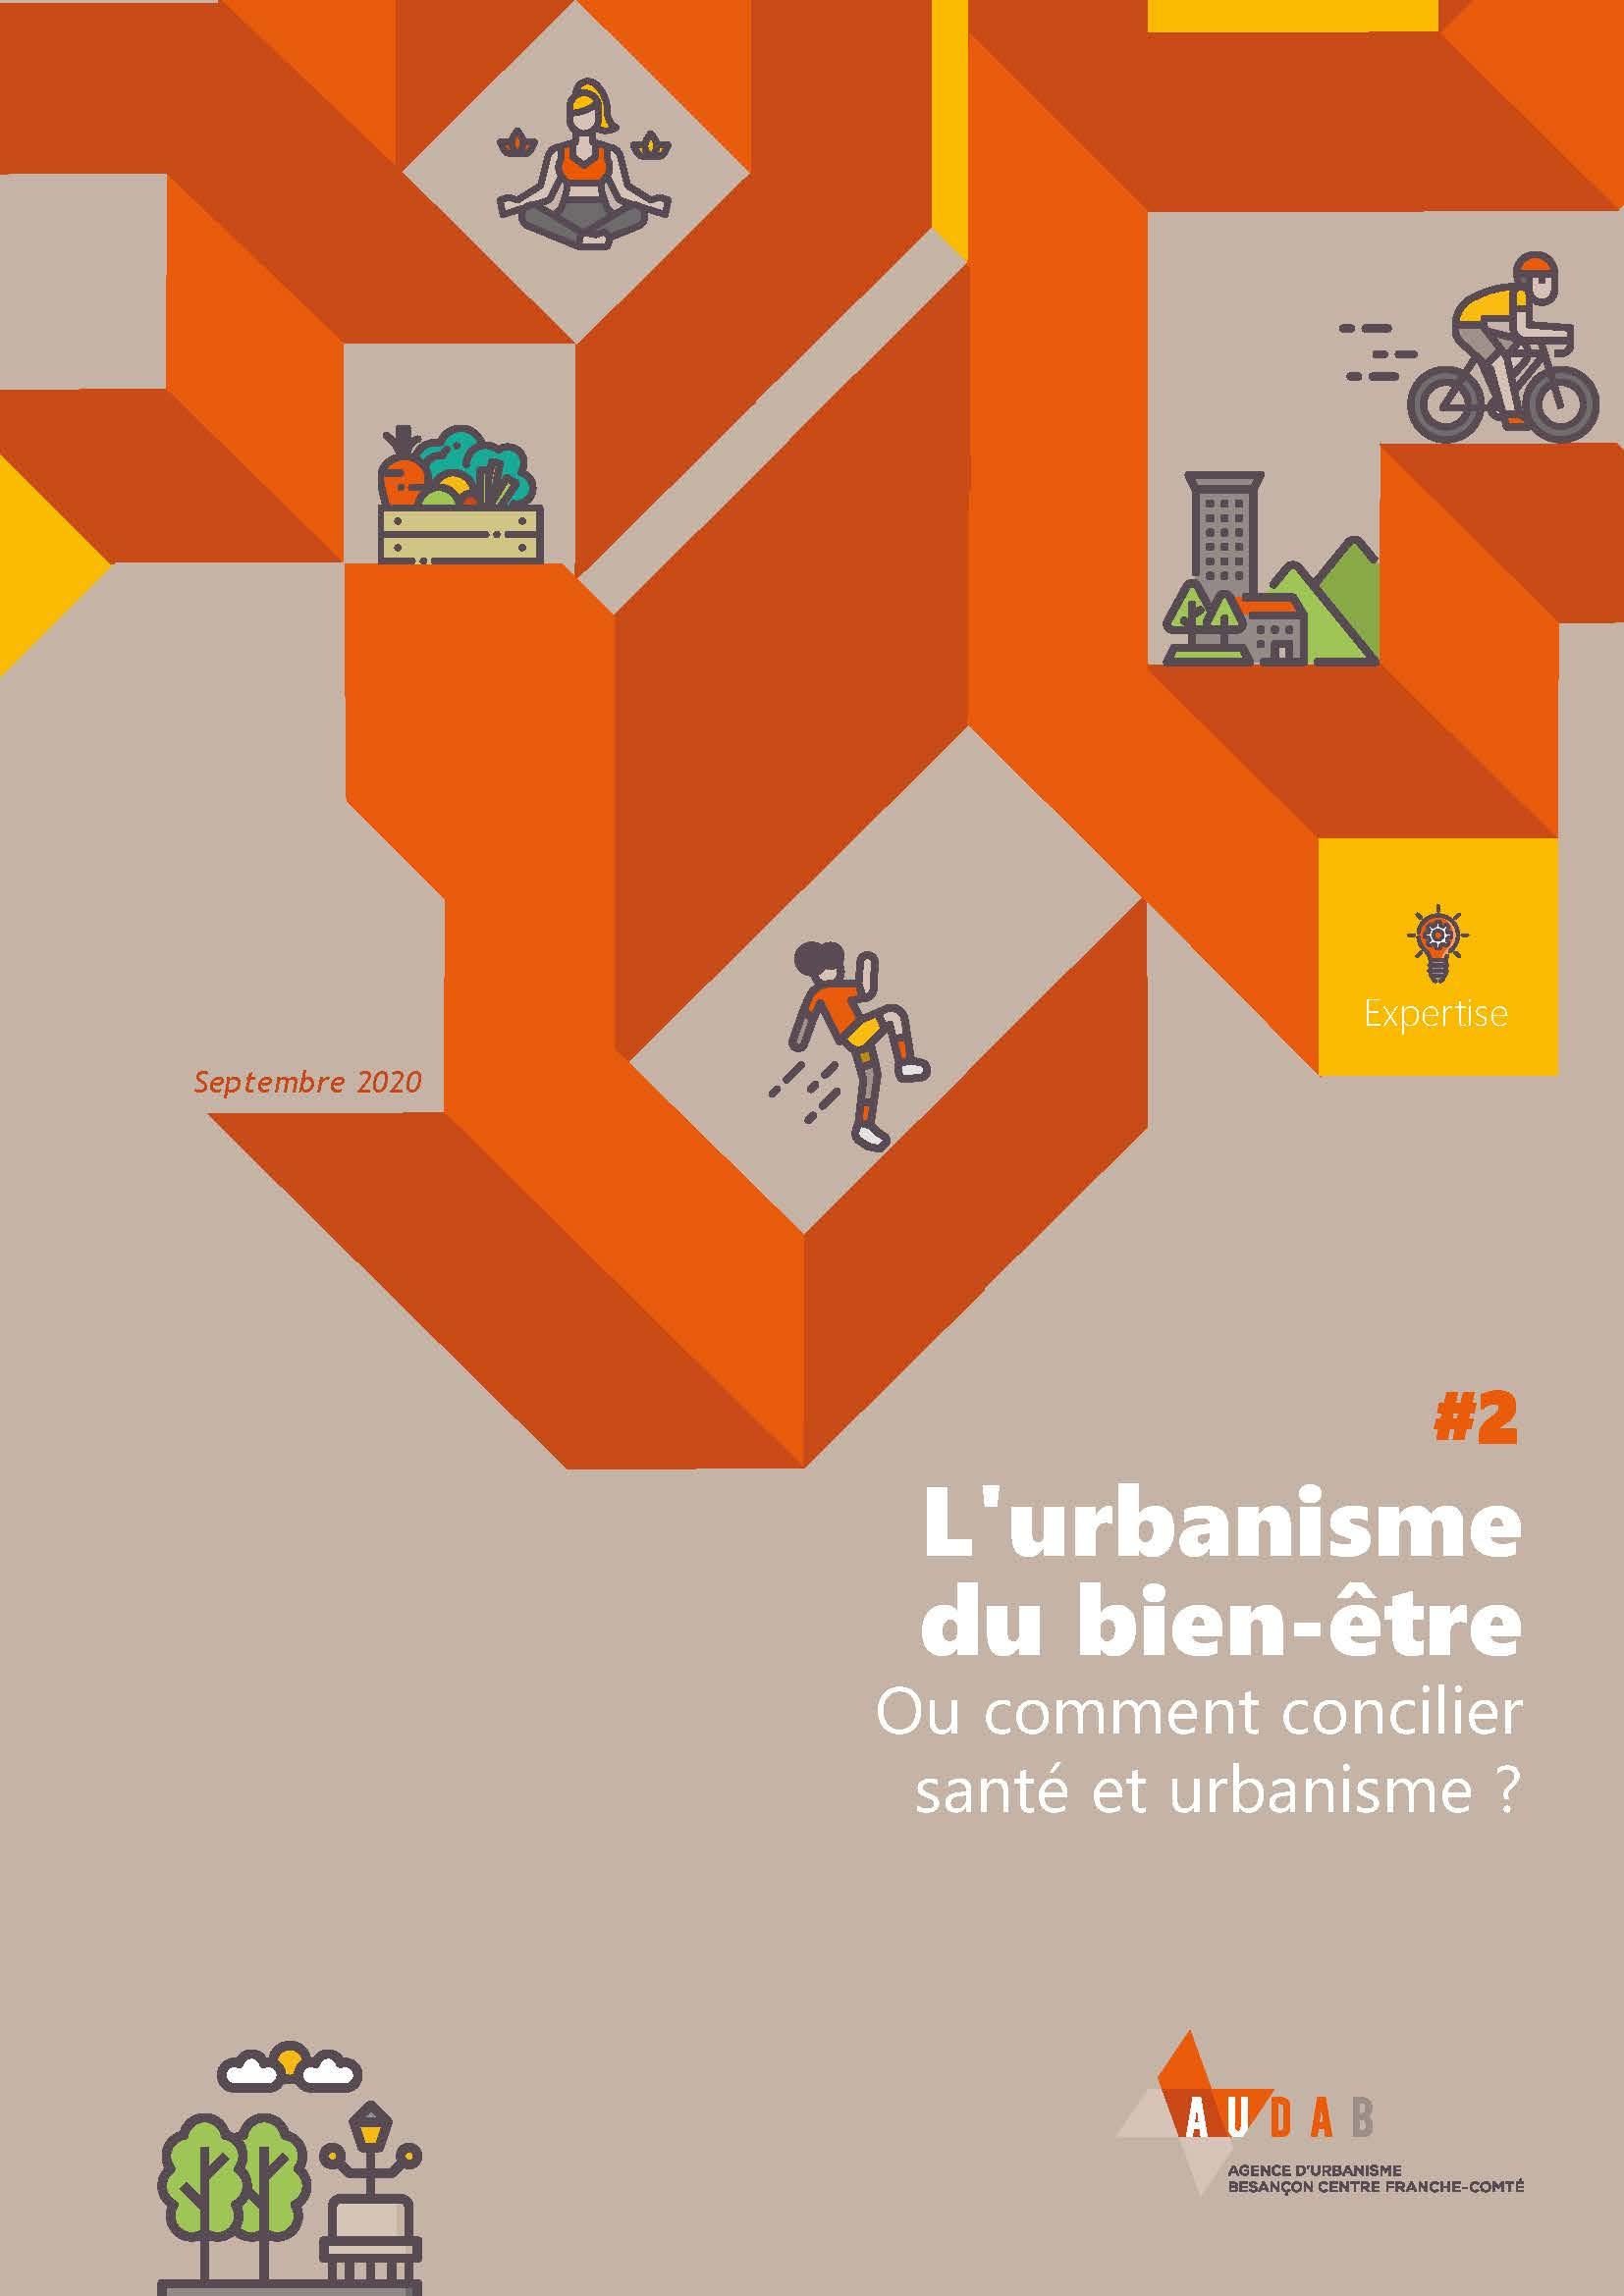 Urbanisme de bien-être – Ou comment concilier santé et urbanisme